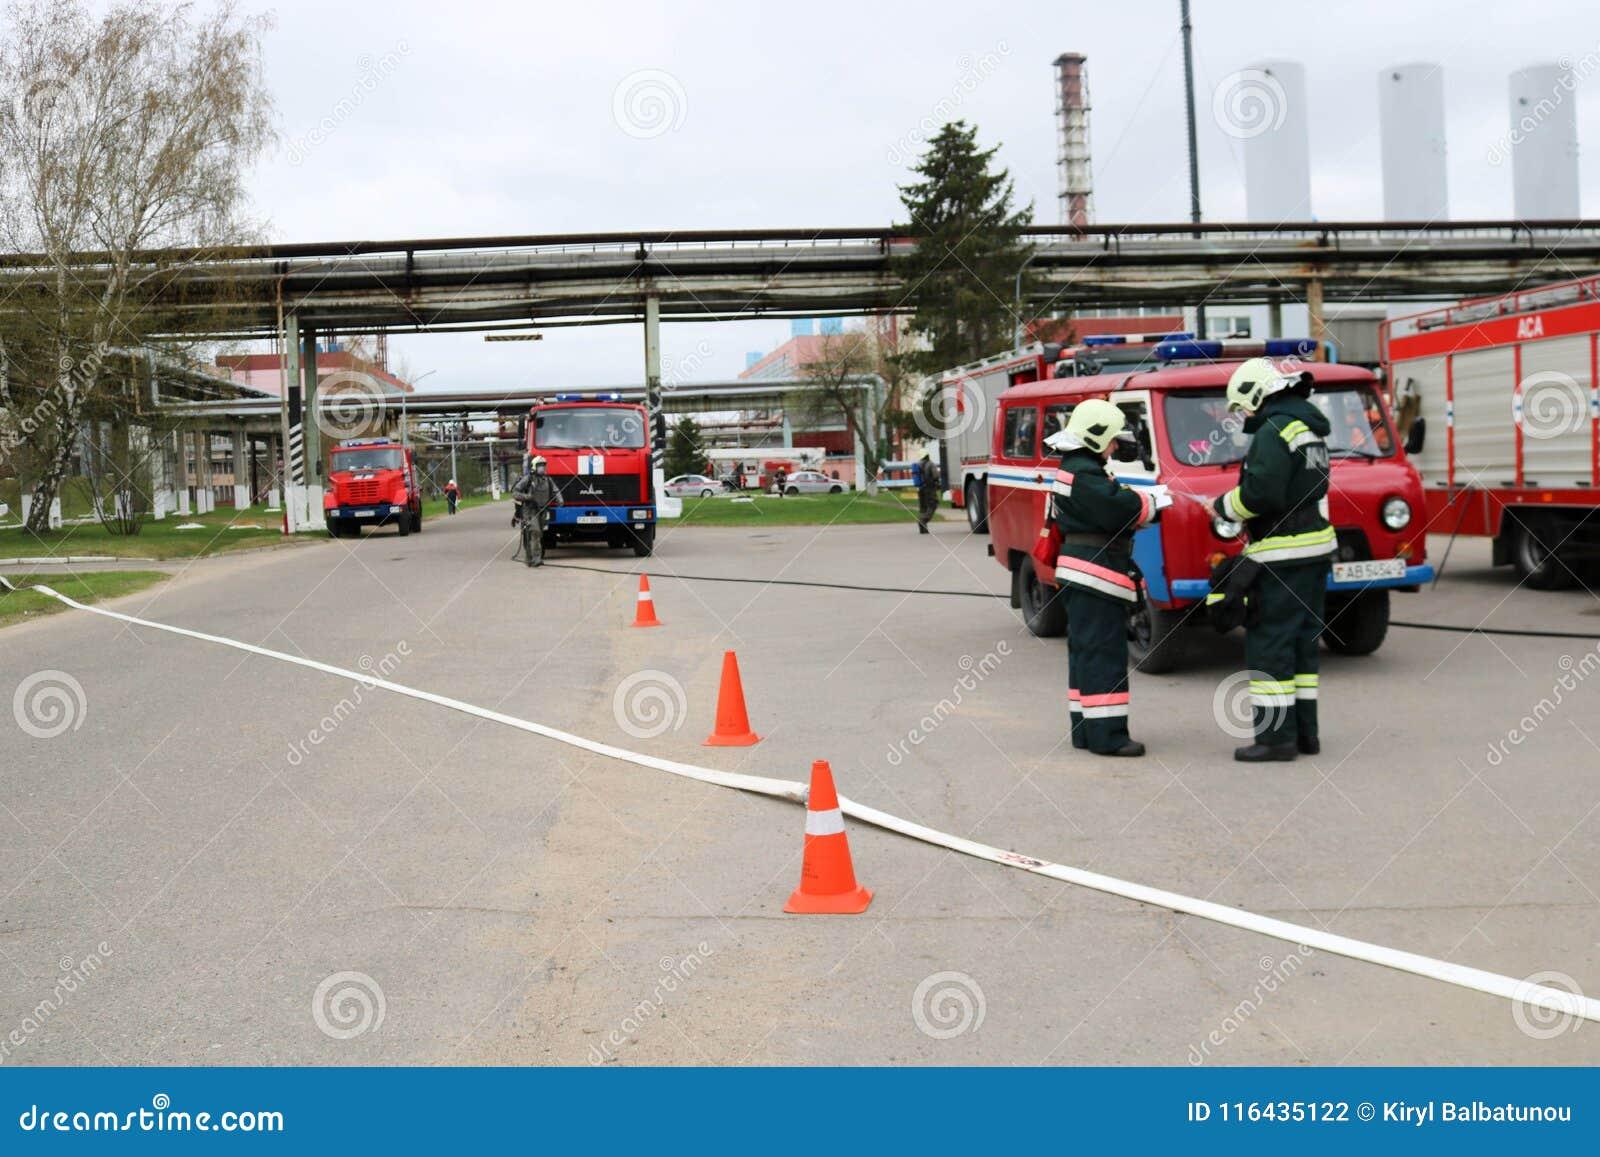 Un grand véhicule de sauvetage du feu rouge, un camion pour s éteindre un feu et des sapeurs-pompiers de mâle sont préparés pour